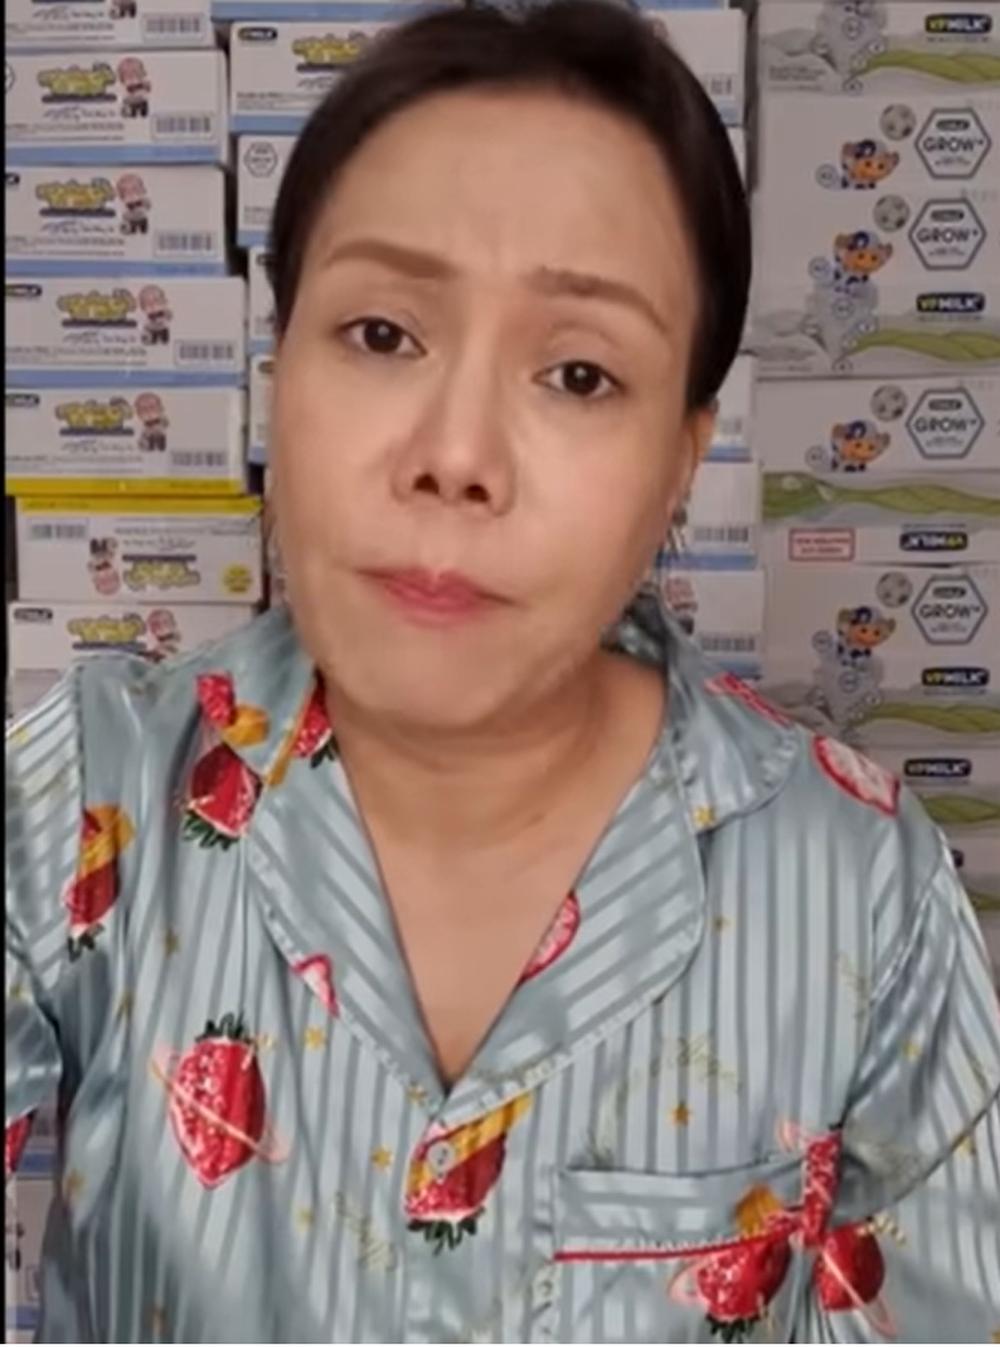 Việt Hương gặp sự cố cho nhầm gạo mốc: Cảm ơn mọi người thương và hiểu cho tôi - Ảnh 1.